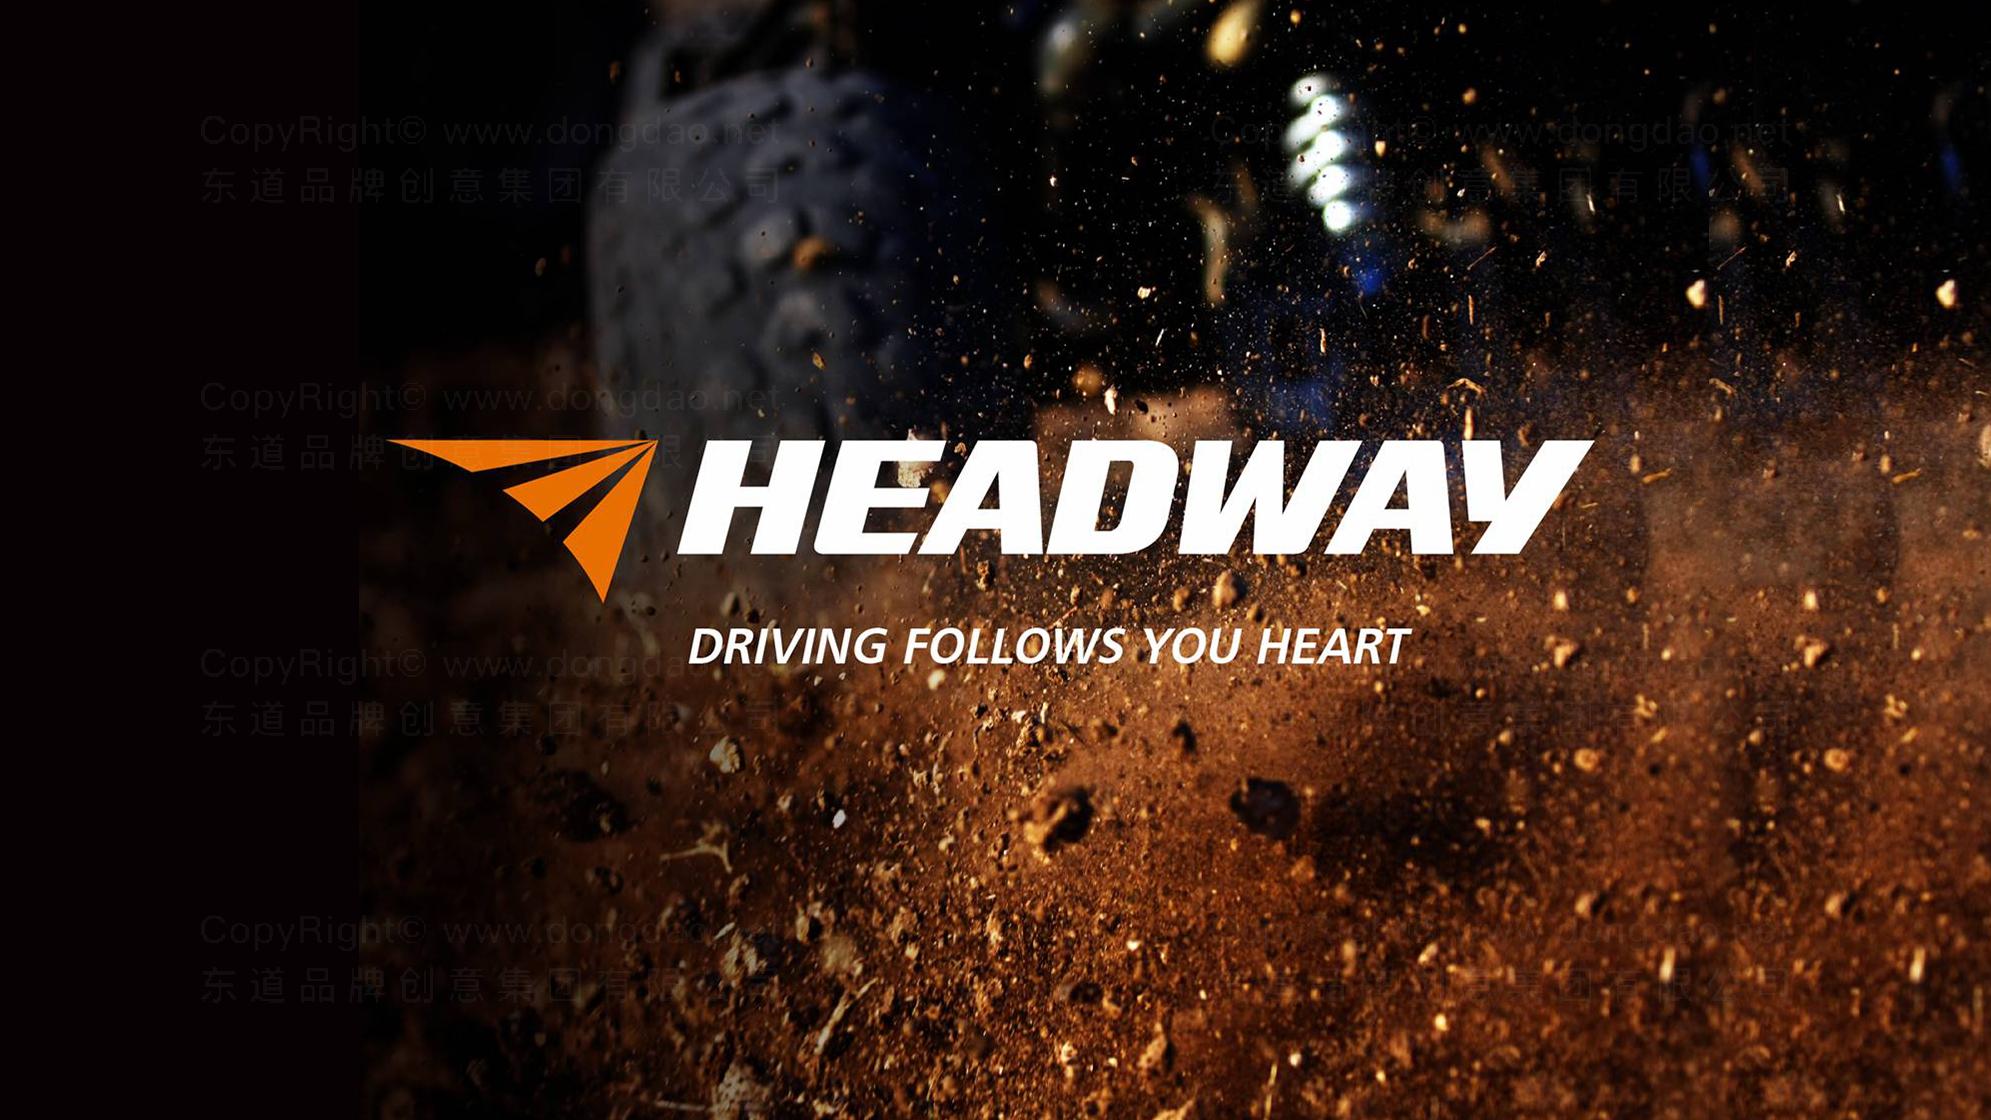 品牌设计案例海德威轮胎标志设计